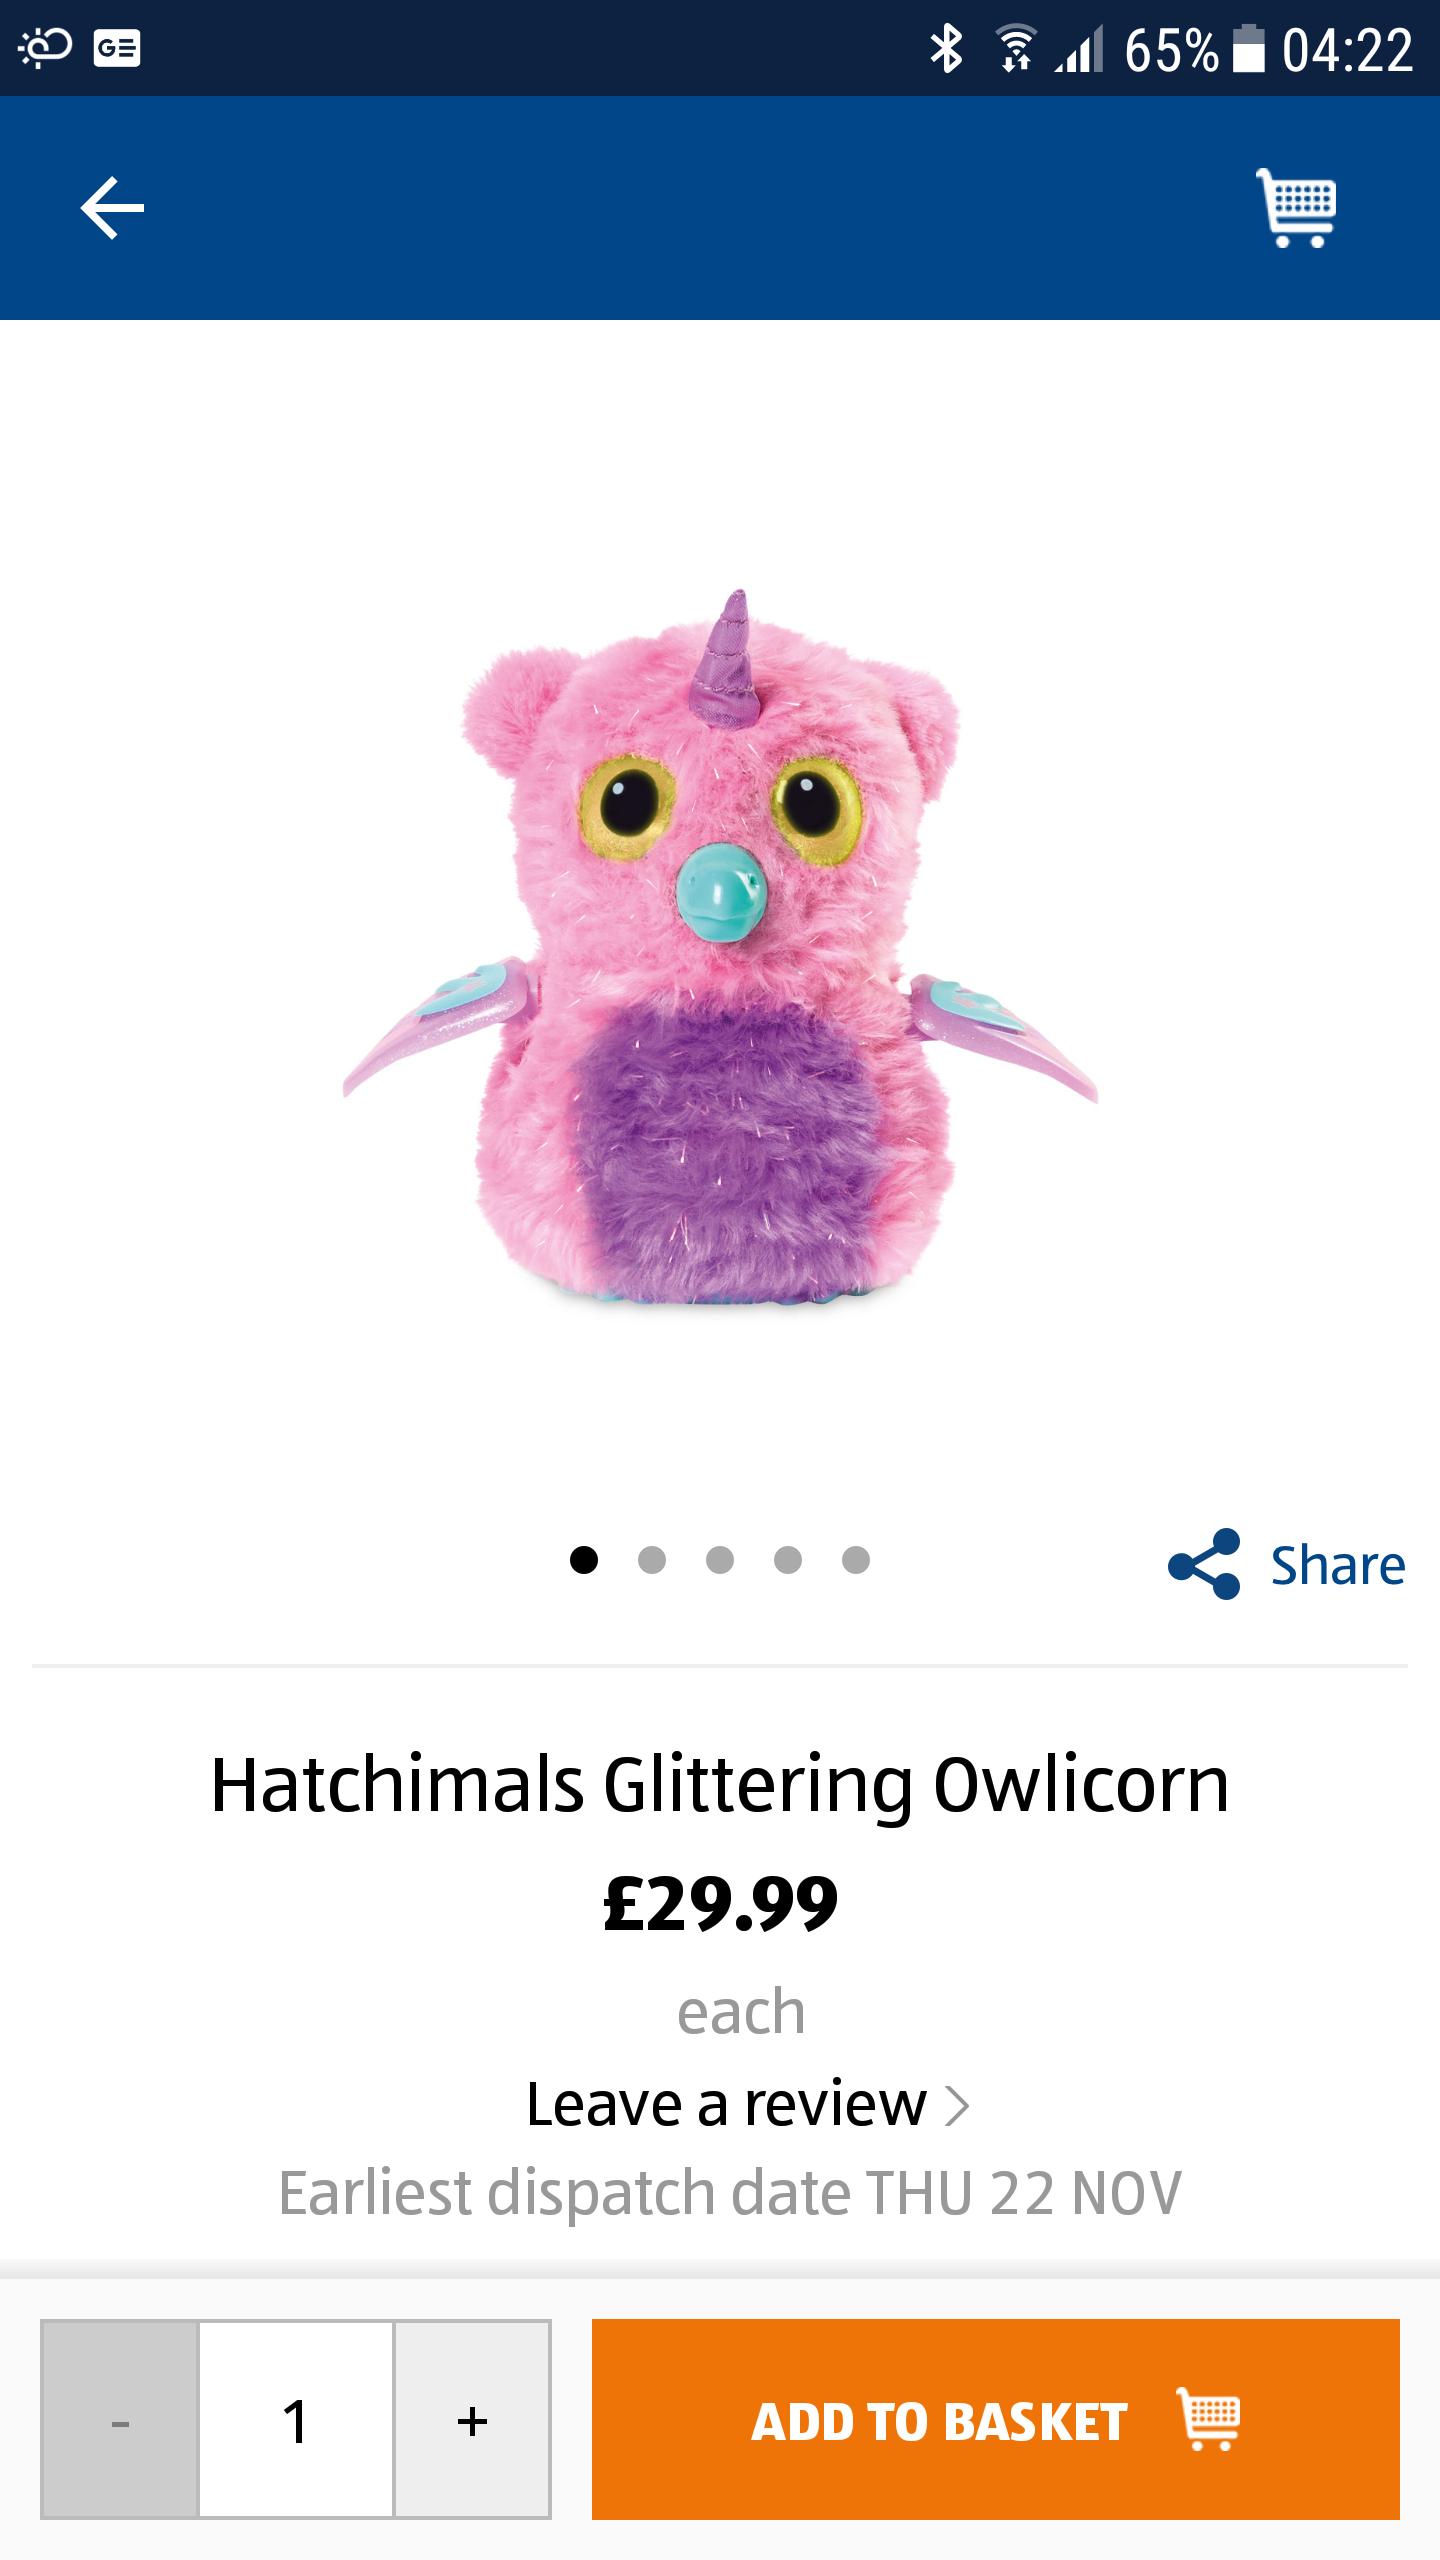 Hatchimals Glittering Owlicorn pre-order £29.99 @ ALDI online.